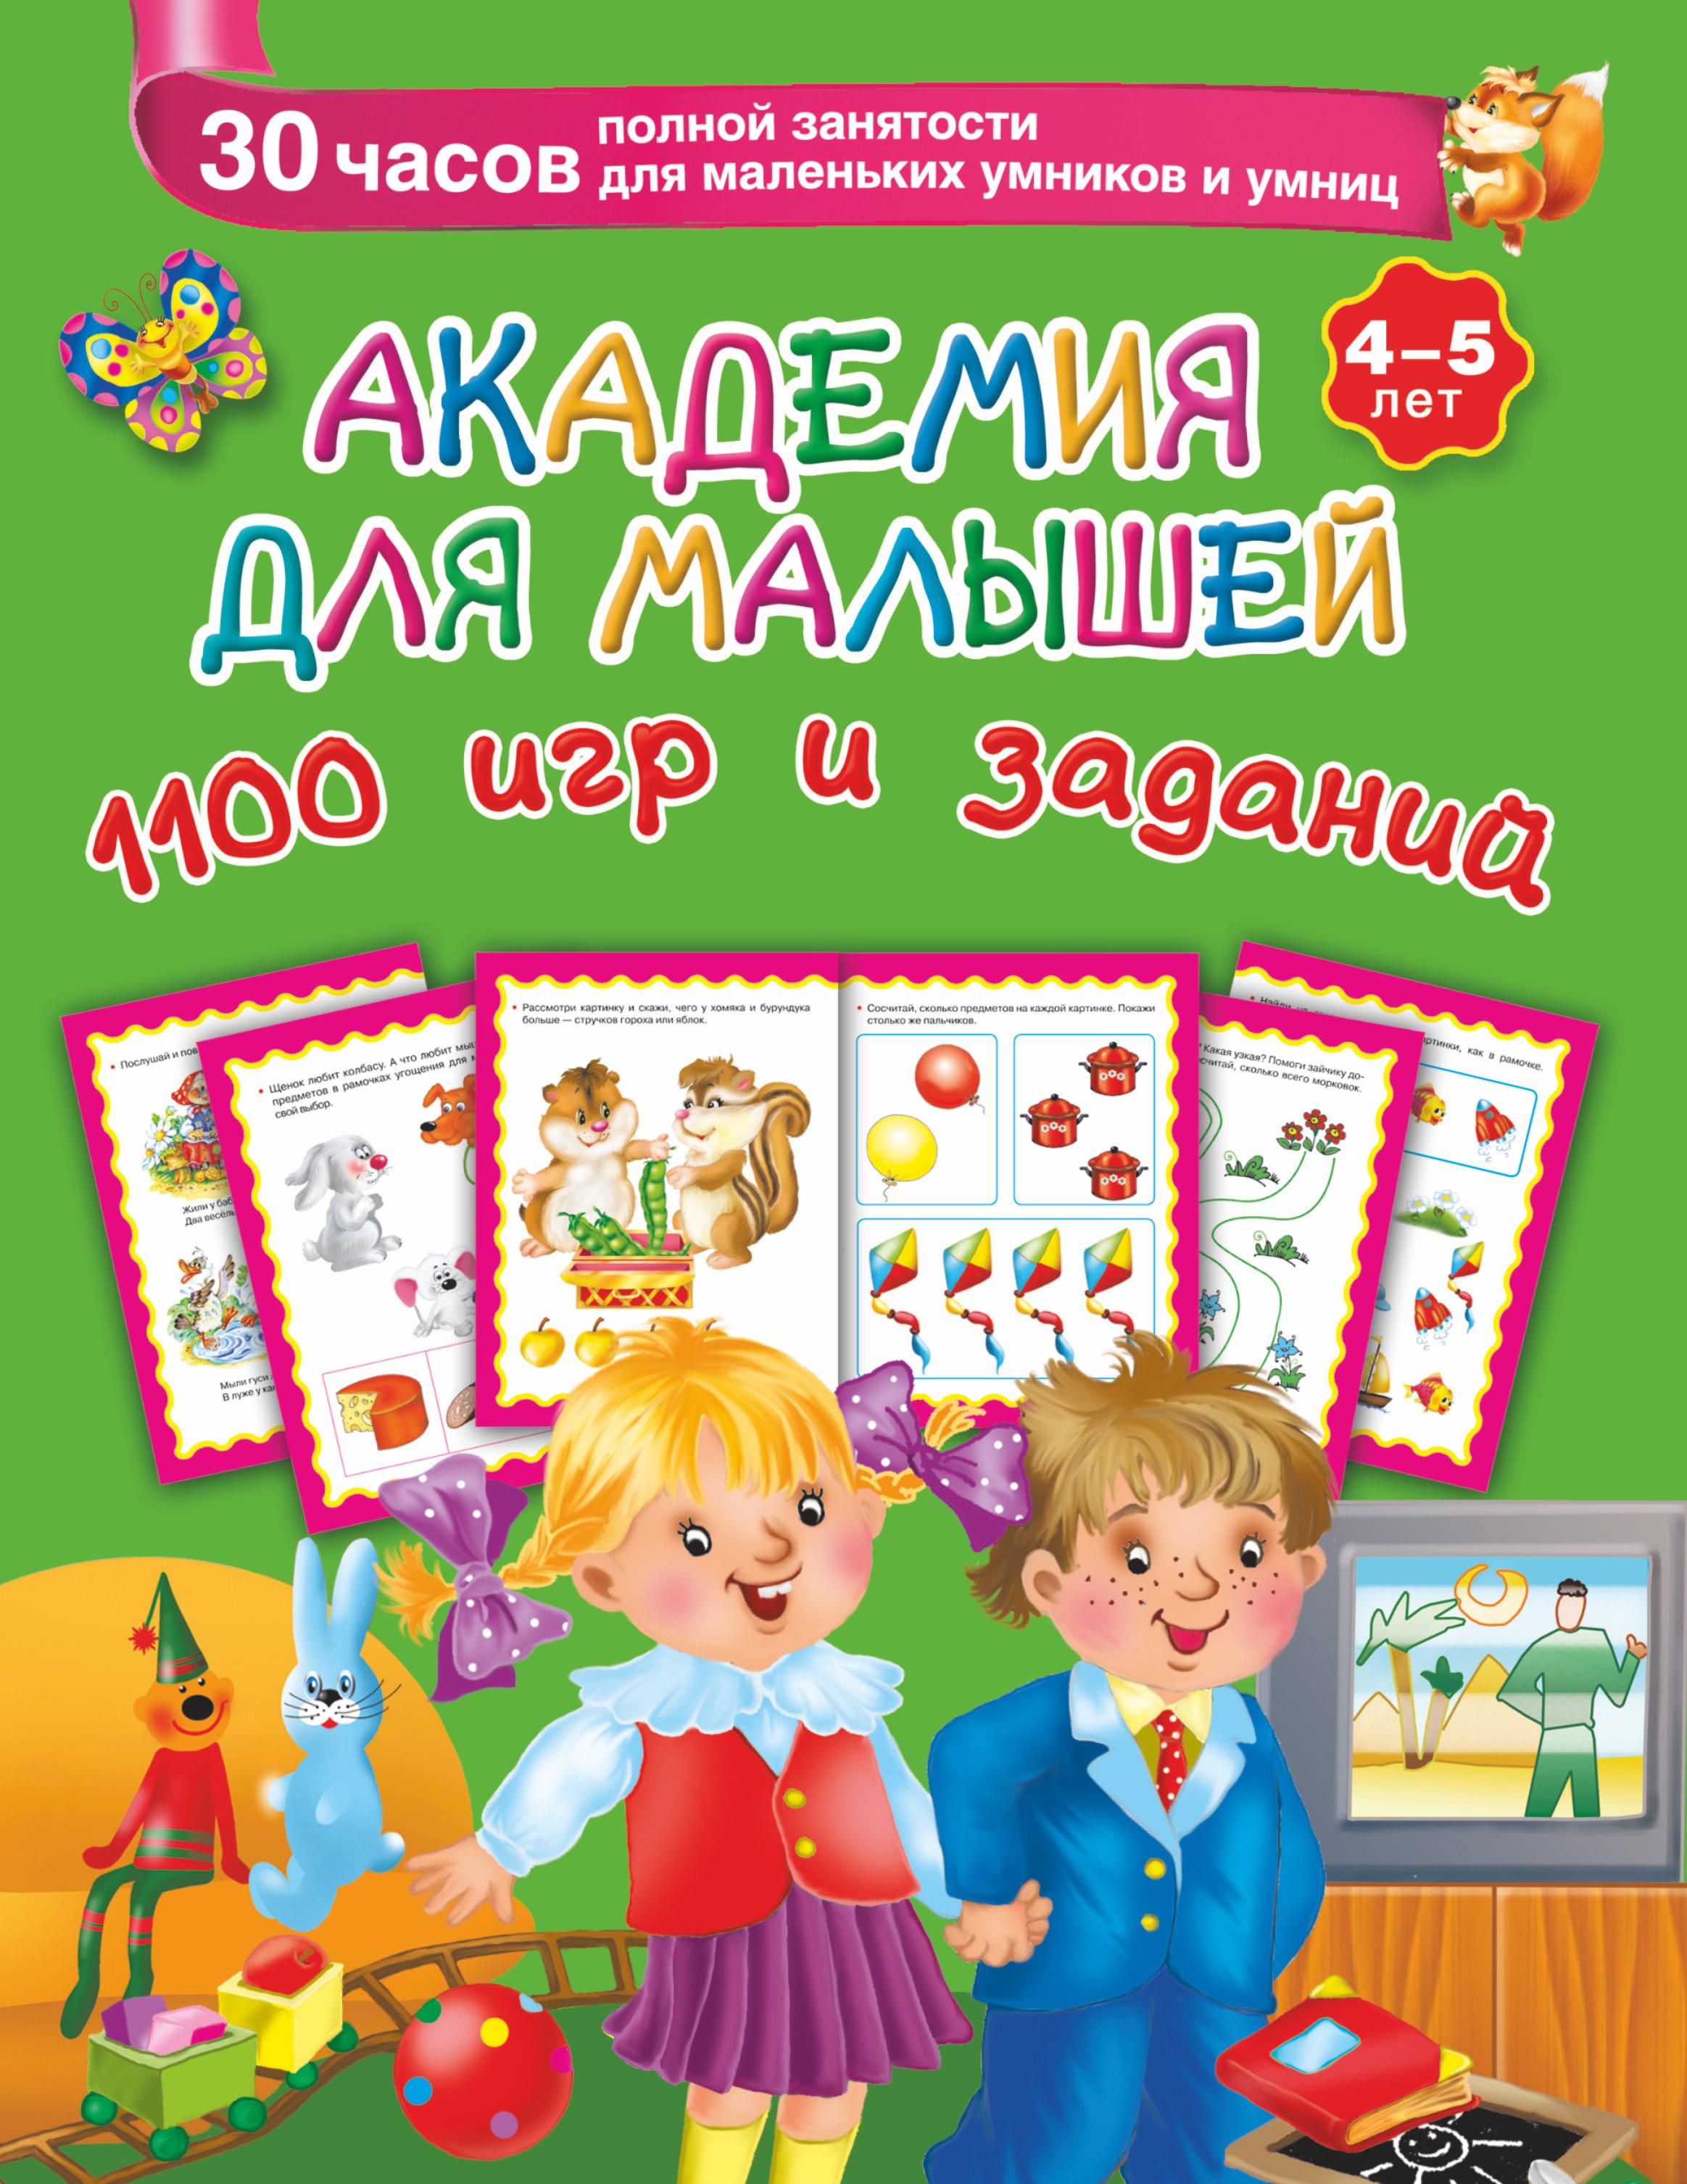 Академия для малышей. 1100 игр и заданий. 4-5 лет